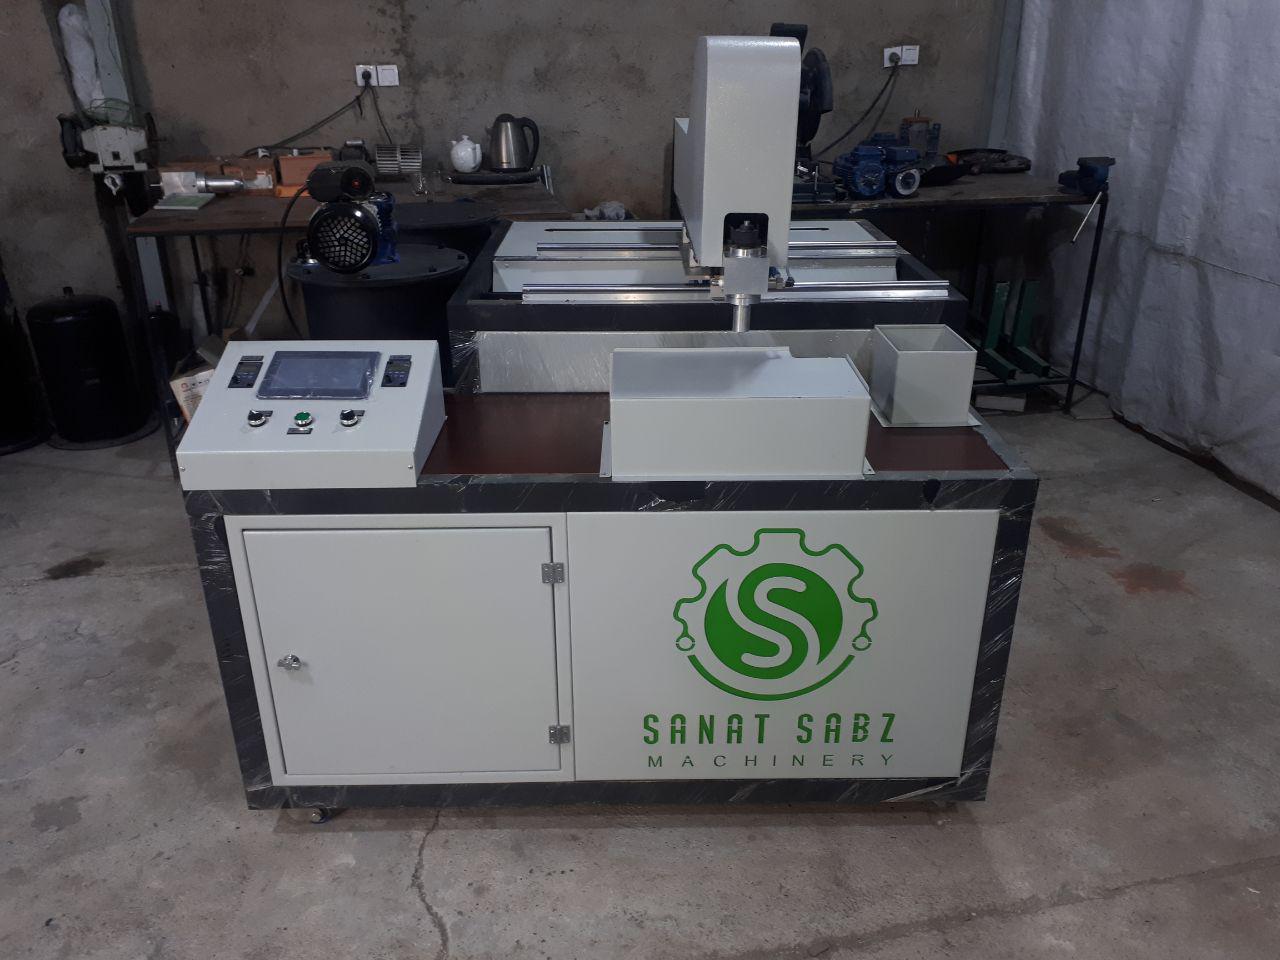 توضیحات فنی ماشین آلات تزریق فوم :<br/>**دستگاه های اتوماتیک این مجموعه توسط سیستم کنترل PLC<br/>**سیستم CNC   دستگاه :<br/>که میتوان گفت یکی از مهمترین بخش های د industry industrial-machinery industrial-machinery